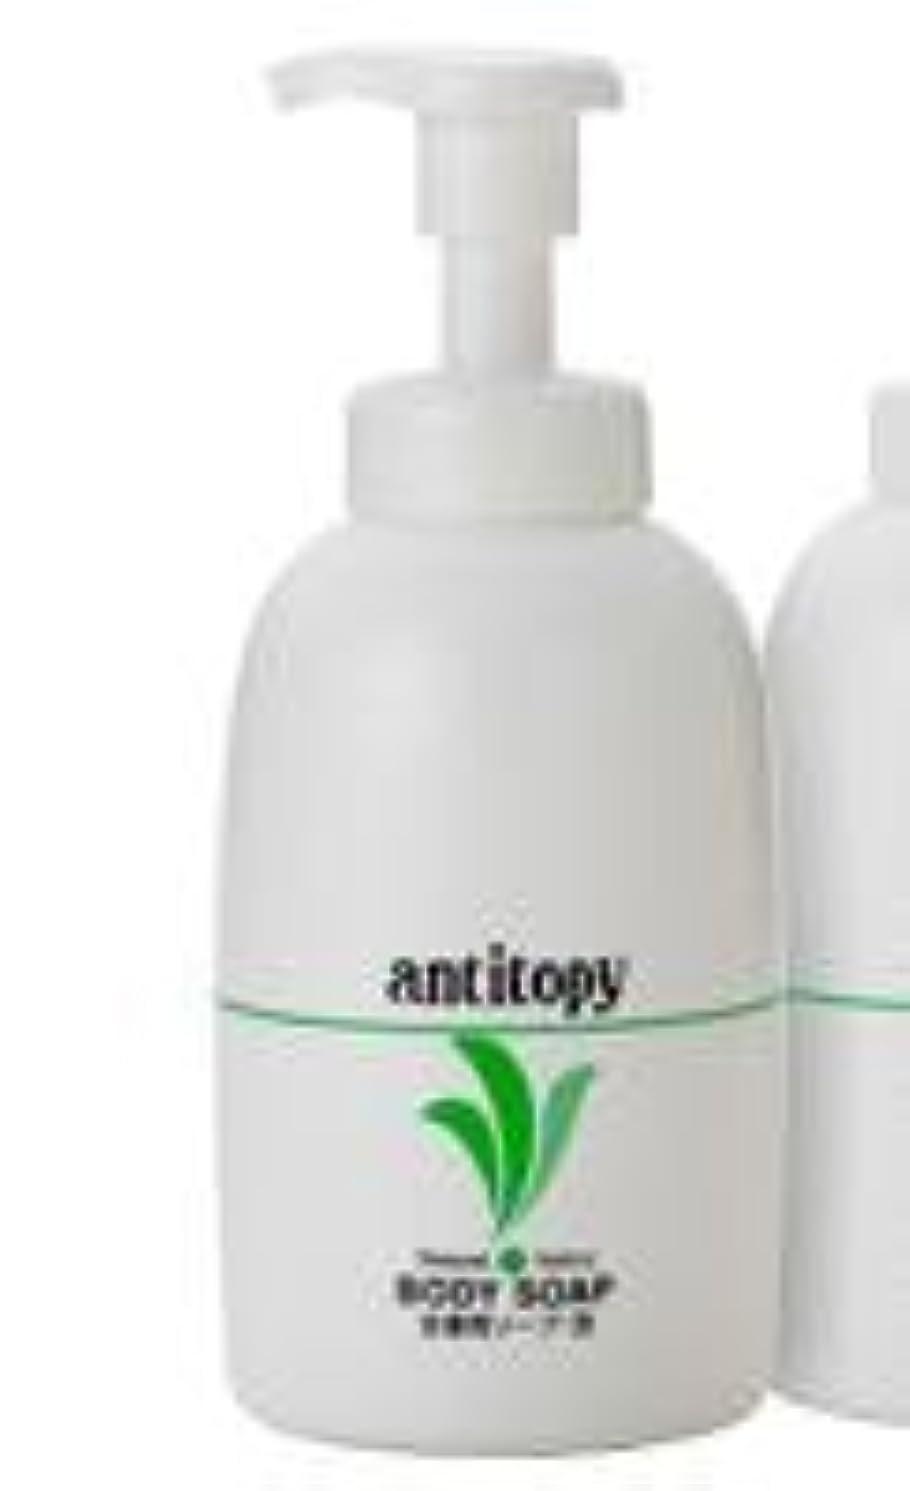 アンチトピー全身用ソープ泡ポンプ式 いたわりを求めるデリケートな肌に アンチトピー 天然保湿成分 コガネバナ 無香料 無パラベン 全身用洗浄料